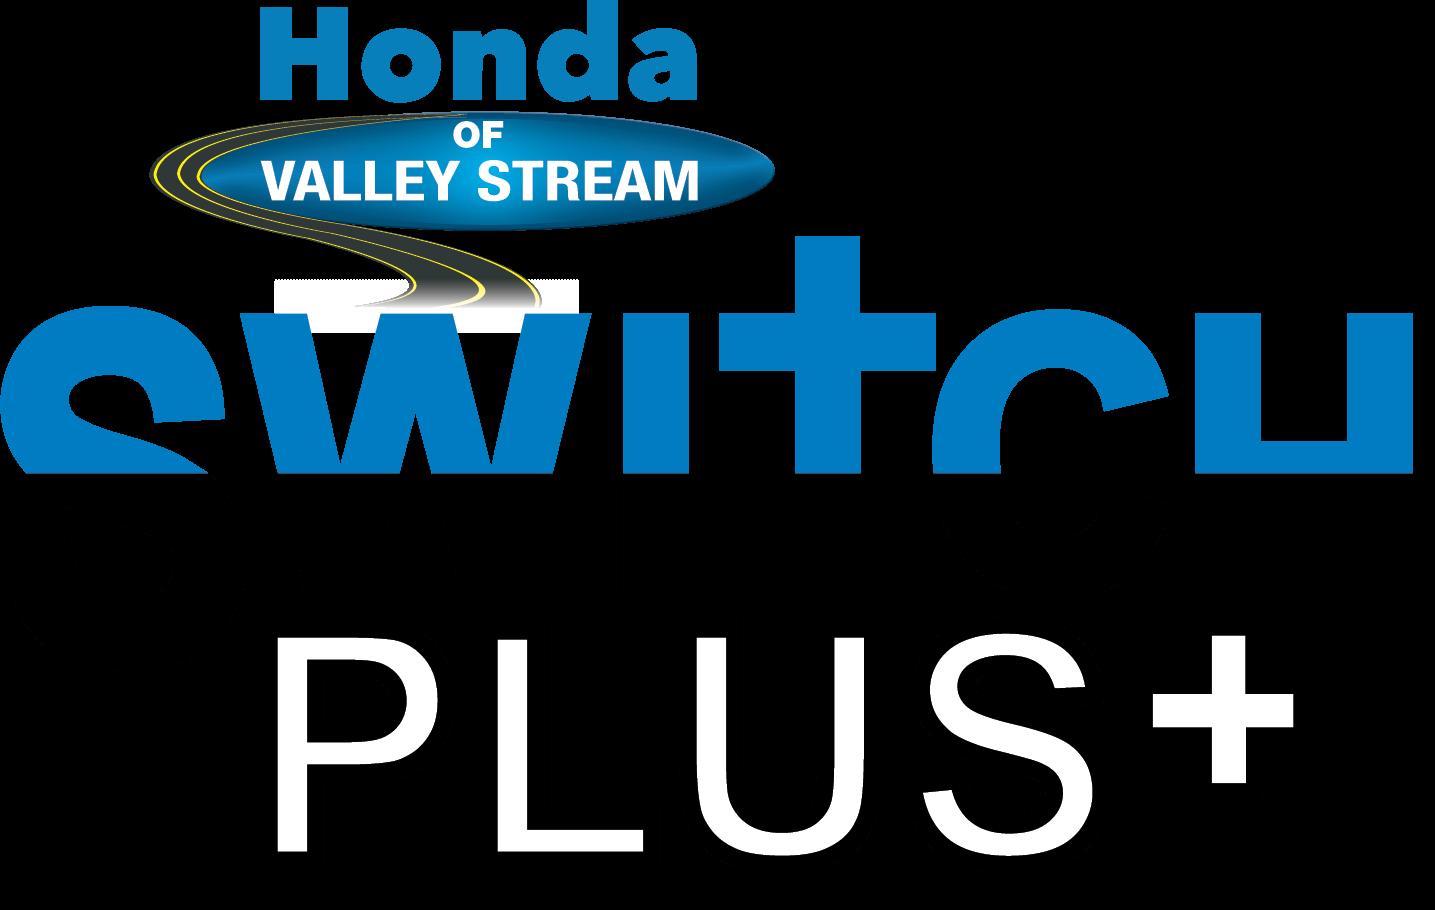 Honda of Valley Stream